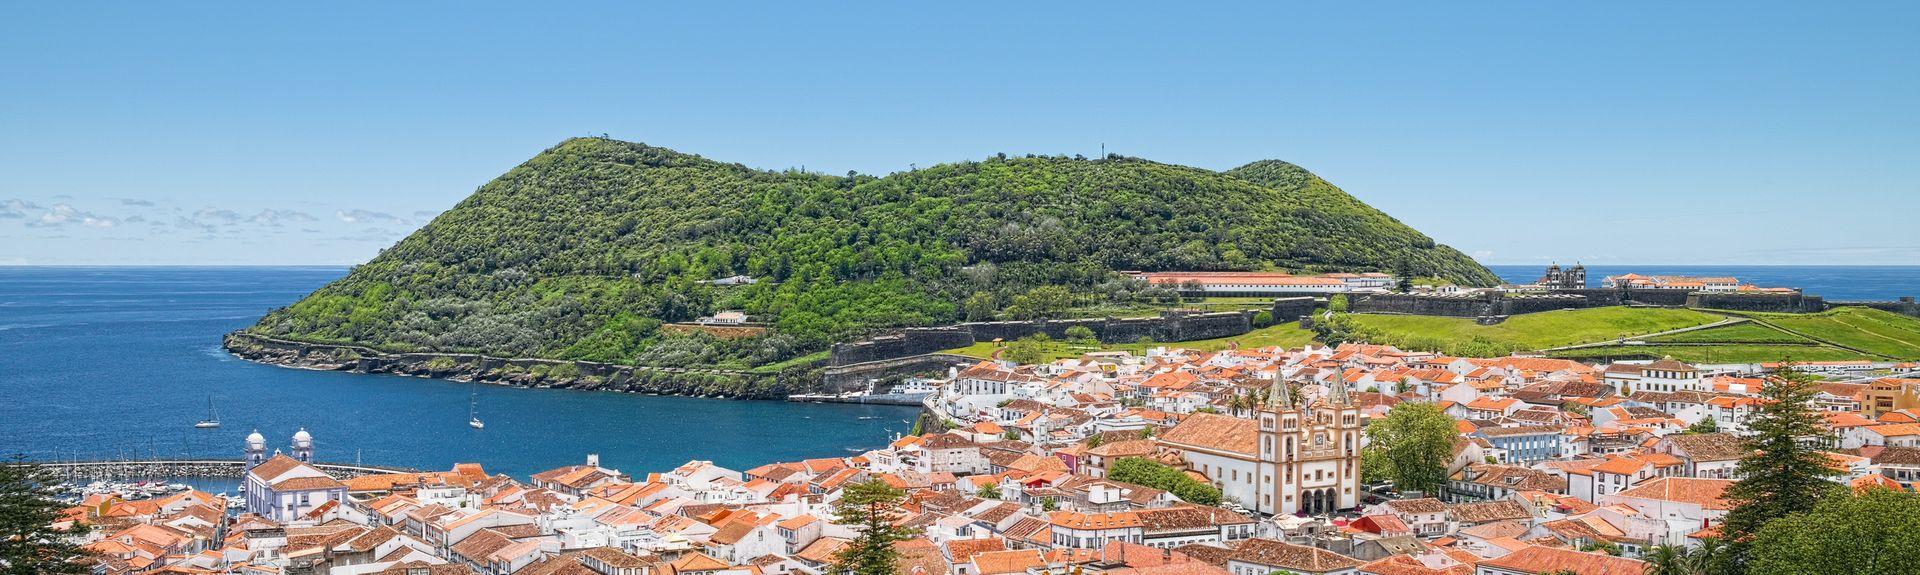 Ile de Terceira, Açores, Portugal